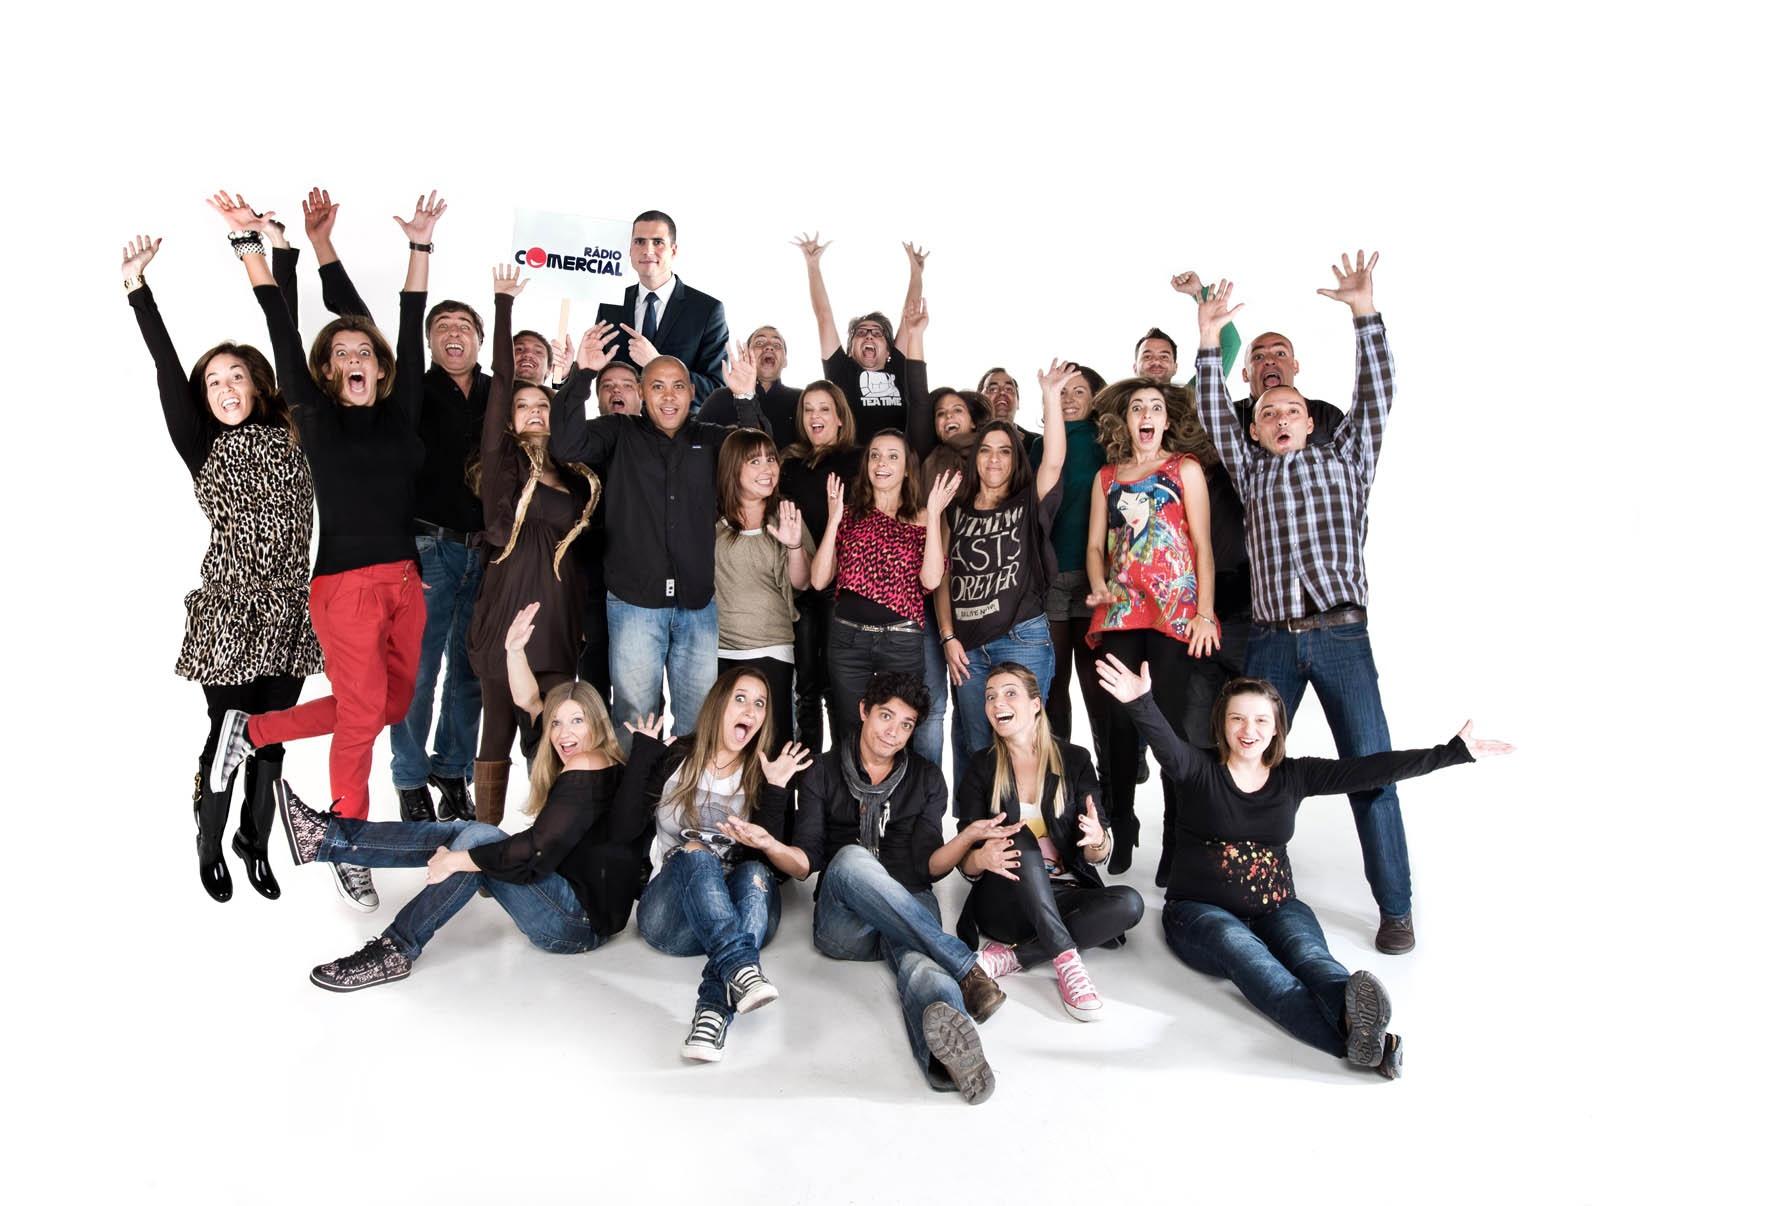 Rádio Comercial faz história e atinge liderança da rádio em Portugal